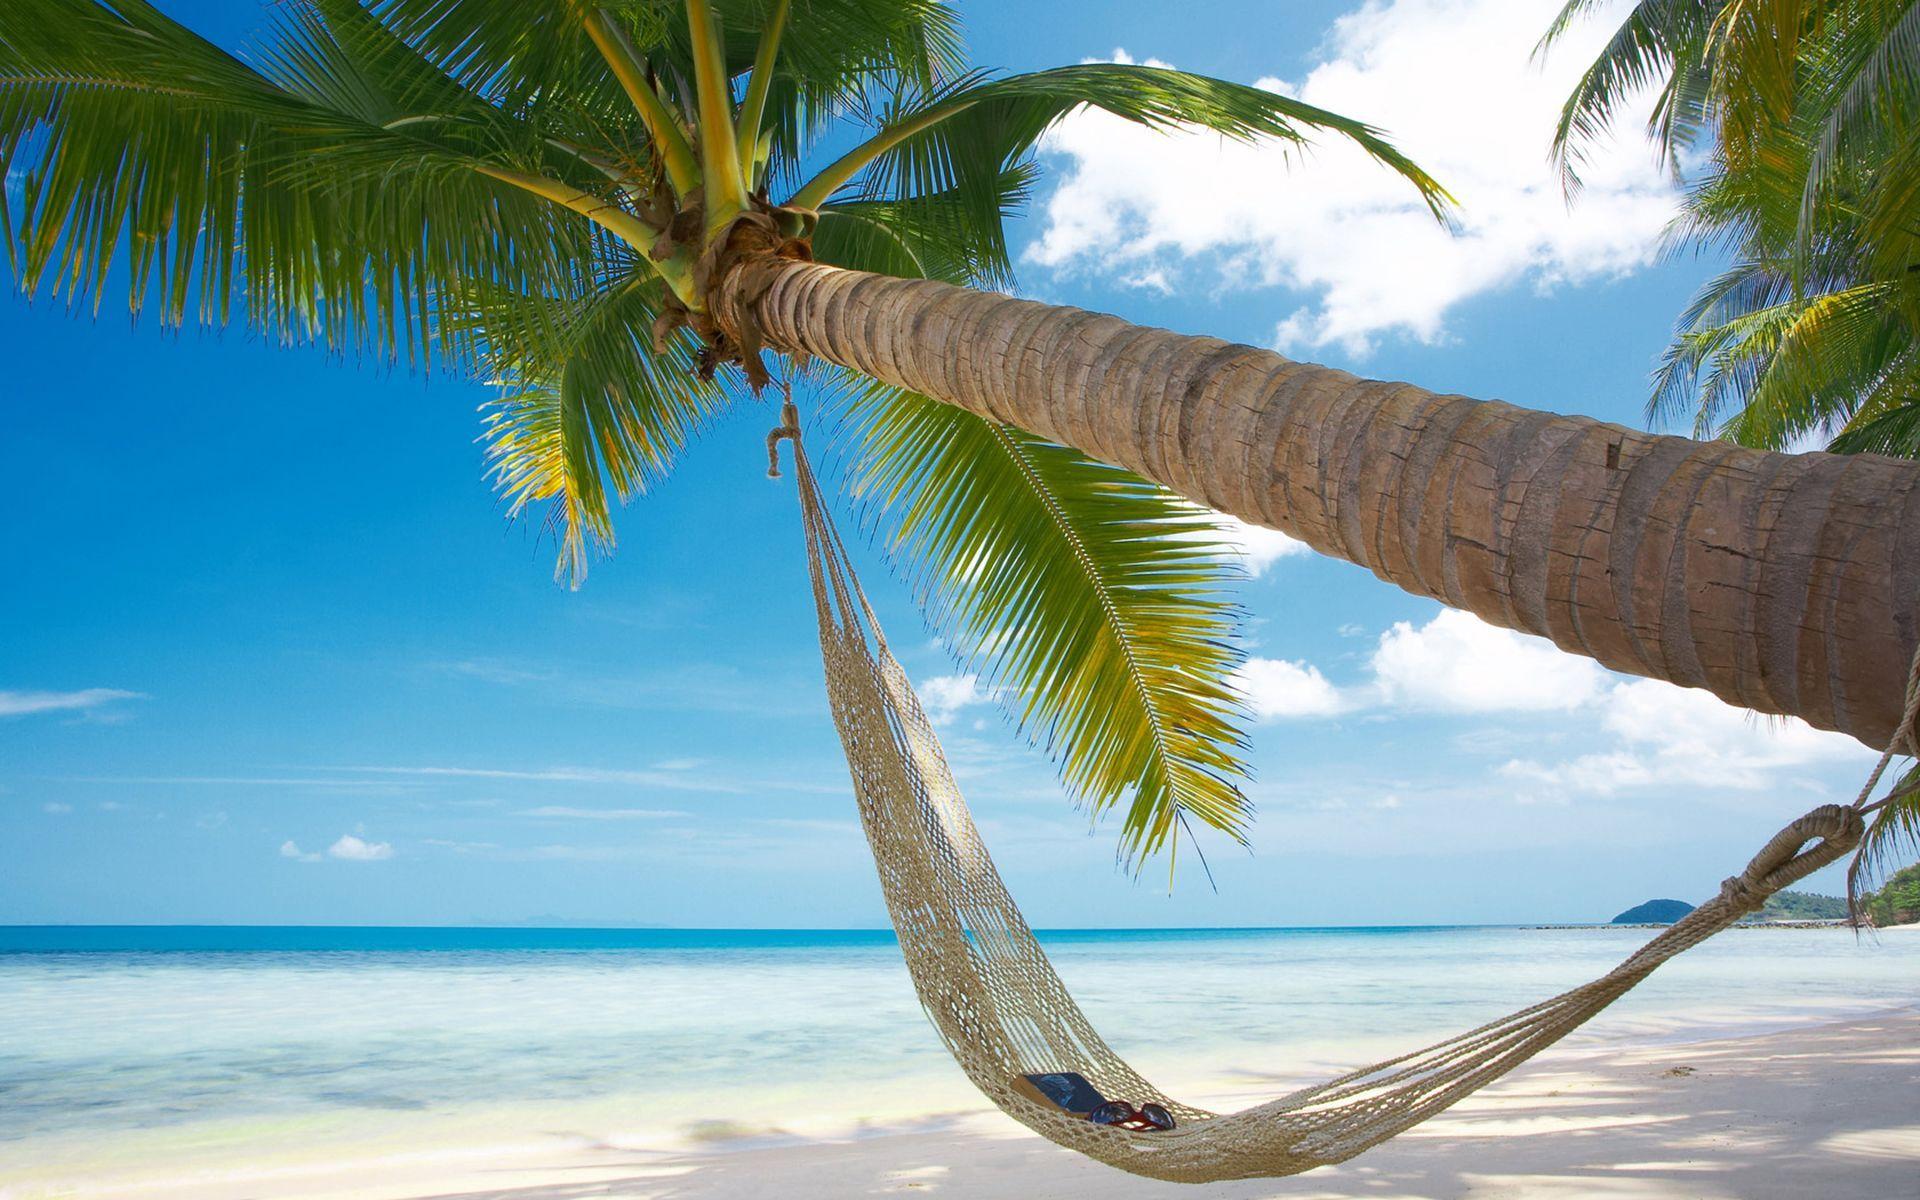 Картинки пляжные пальмами, летием свадьбы